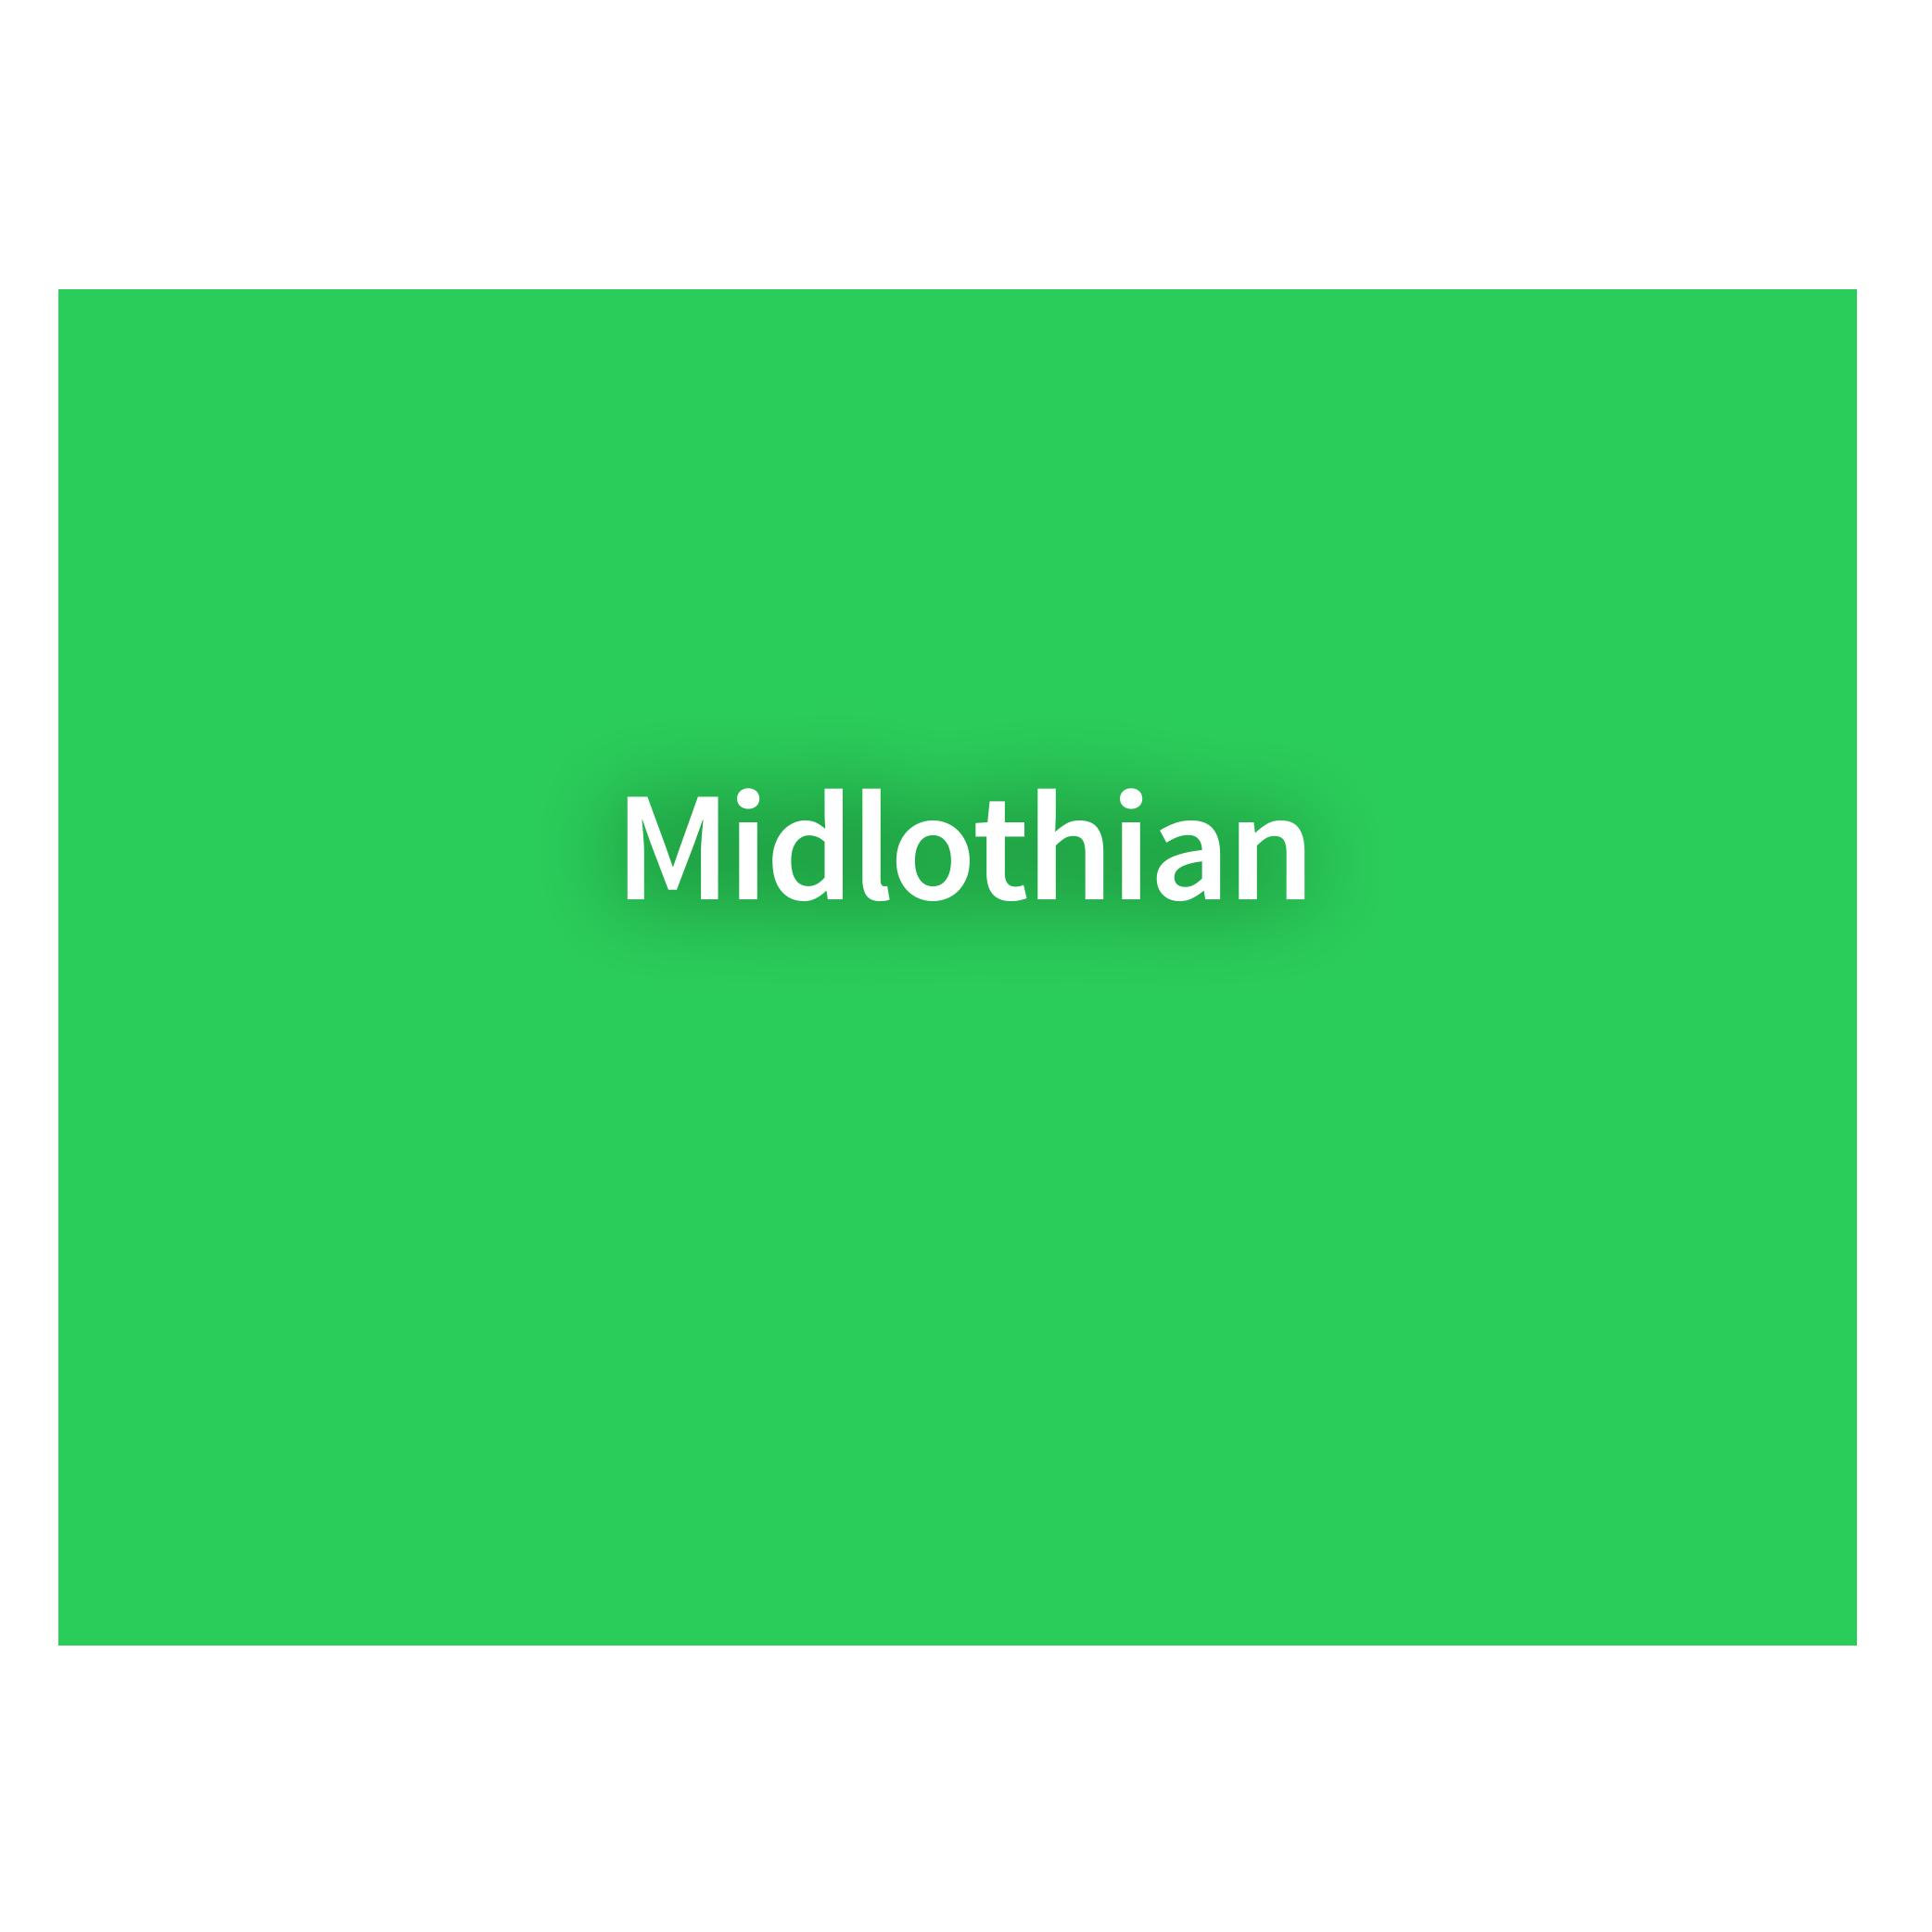 Map of Midlothian